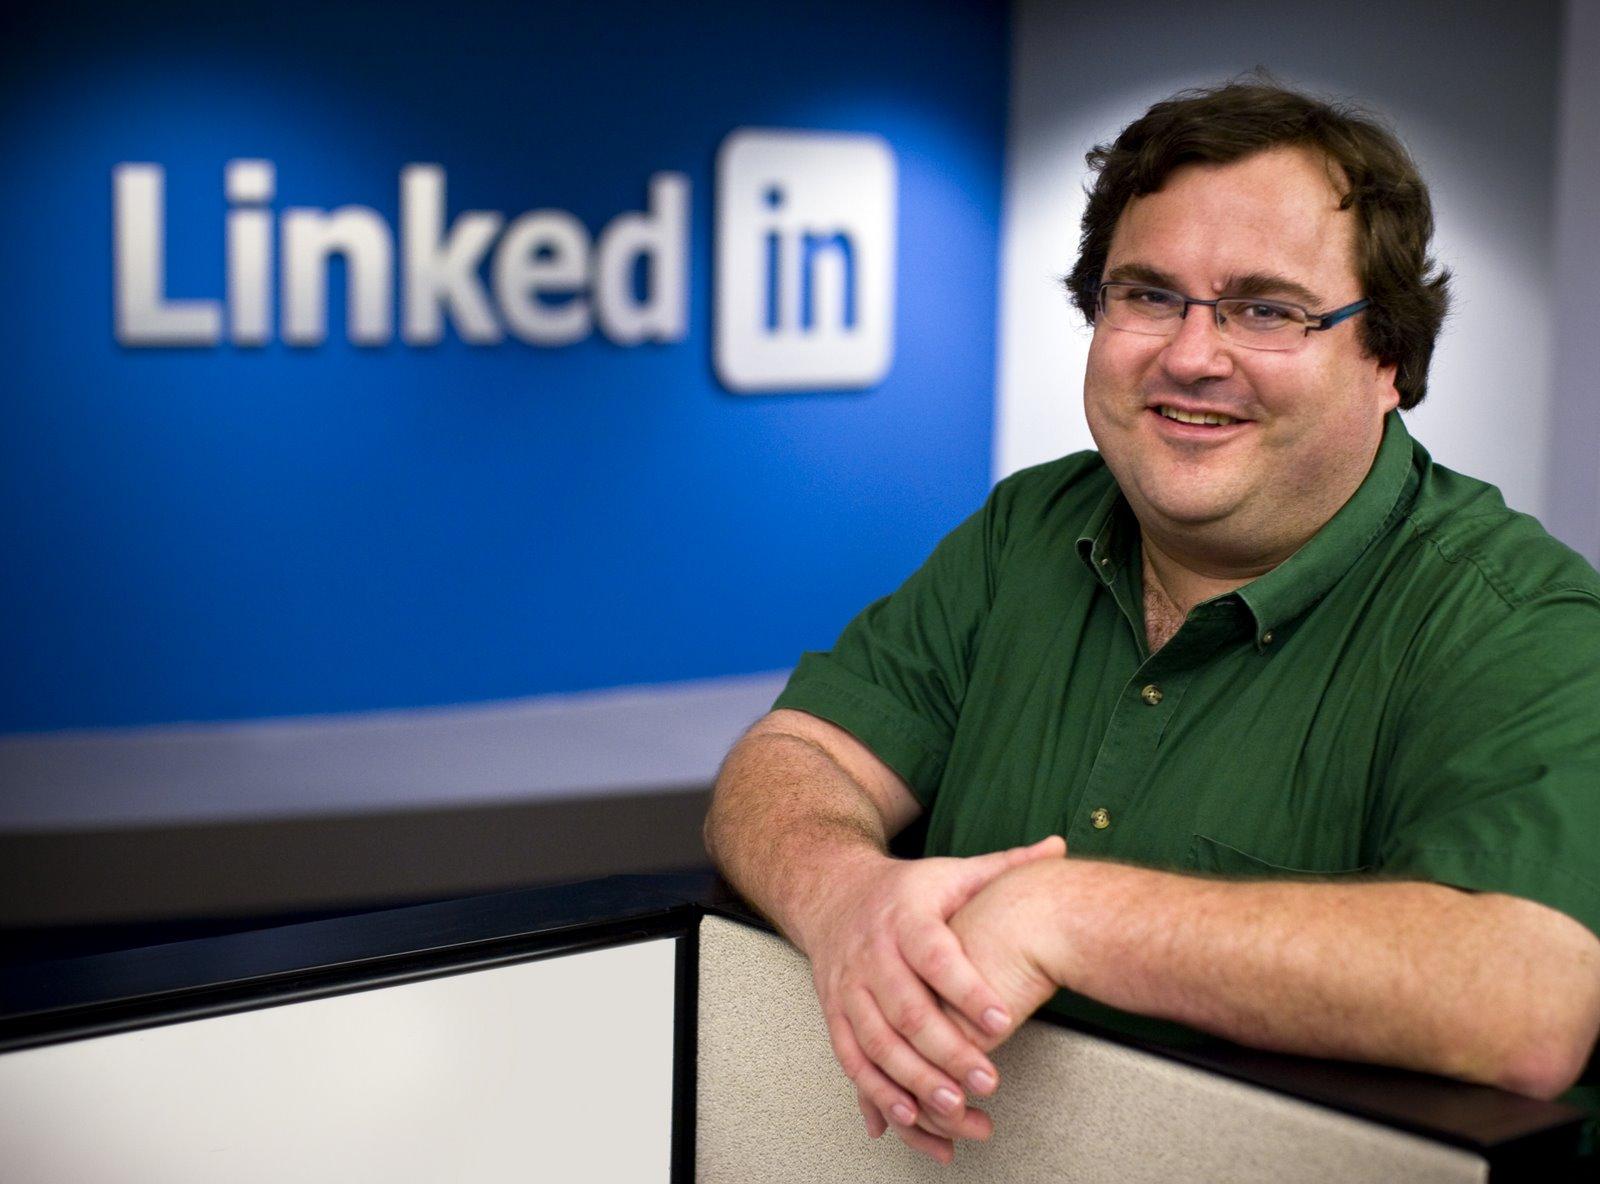 从2004年LinkedIn 的B轮融资书,可以学到什么?